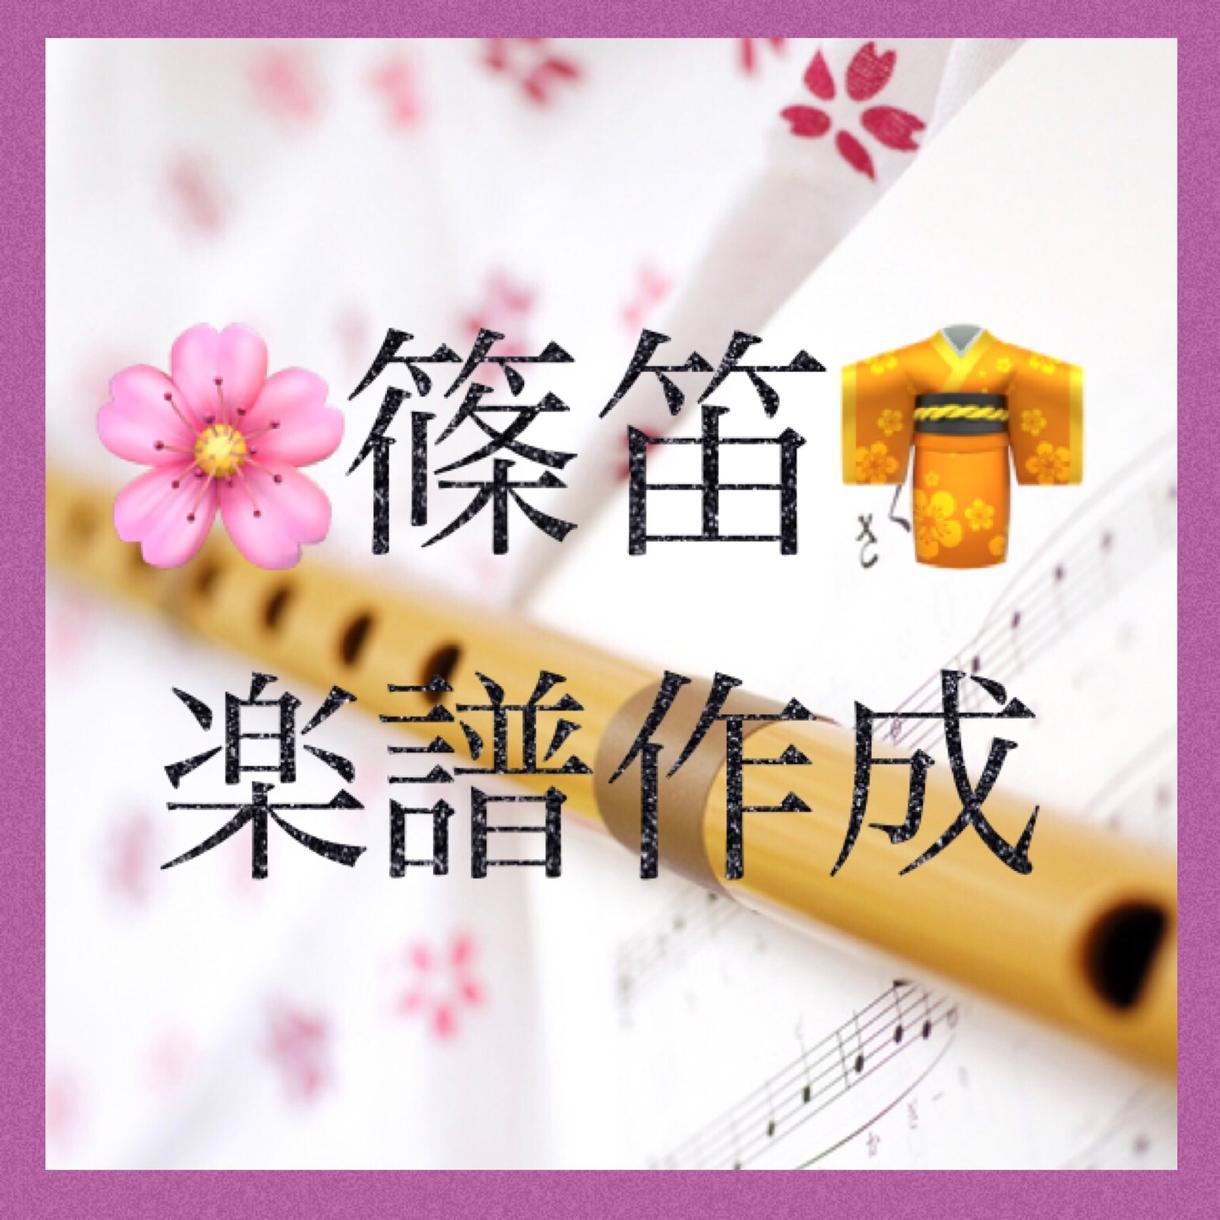 篠笛の楽譜作成します 市販の楽譜のない曲も演奏頂けます♪